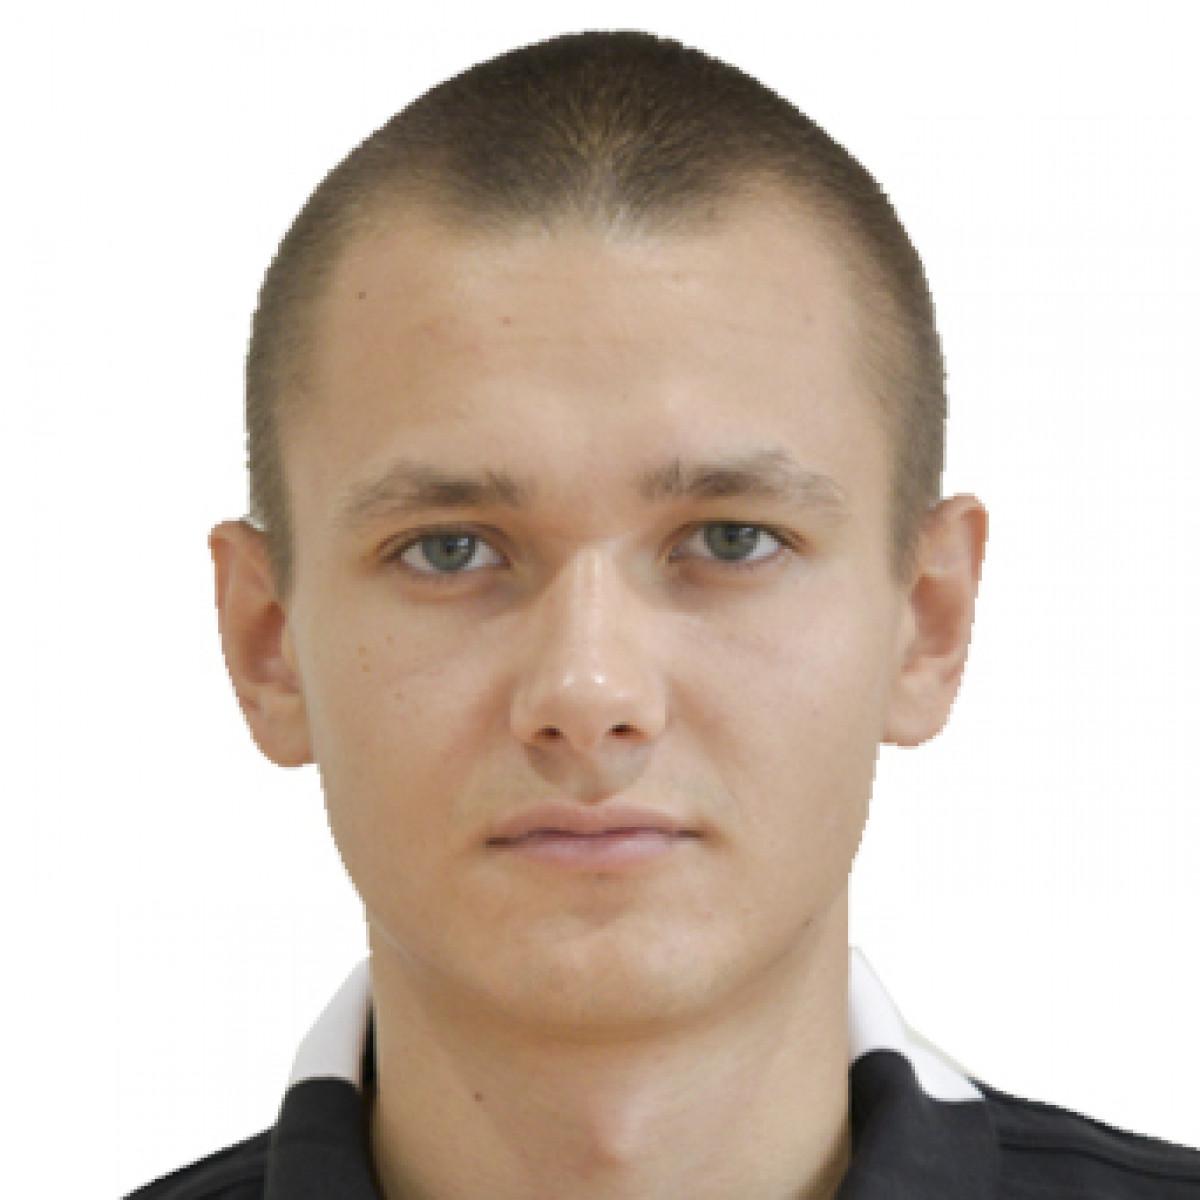 Patryk Mruczynski